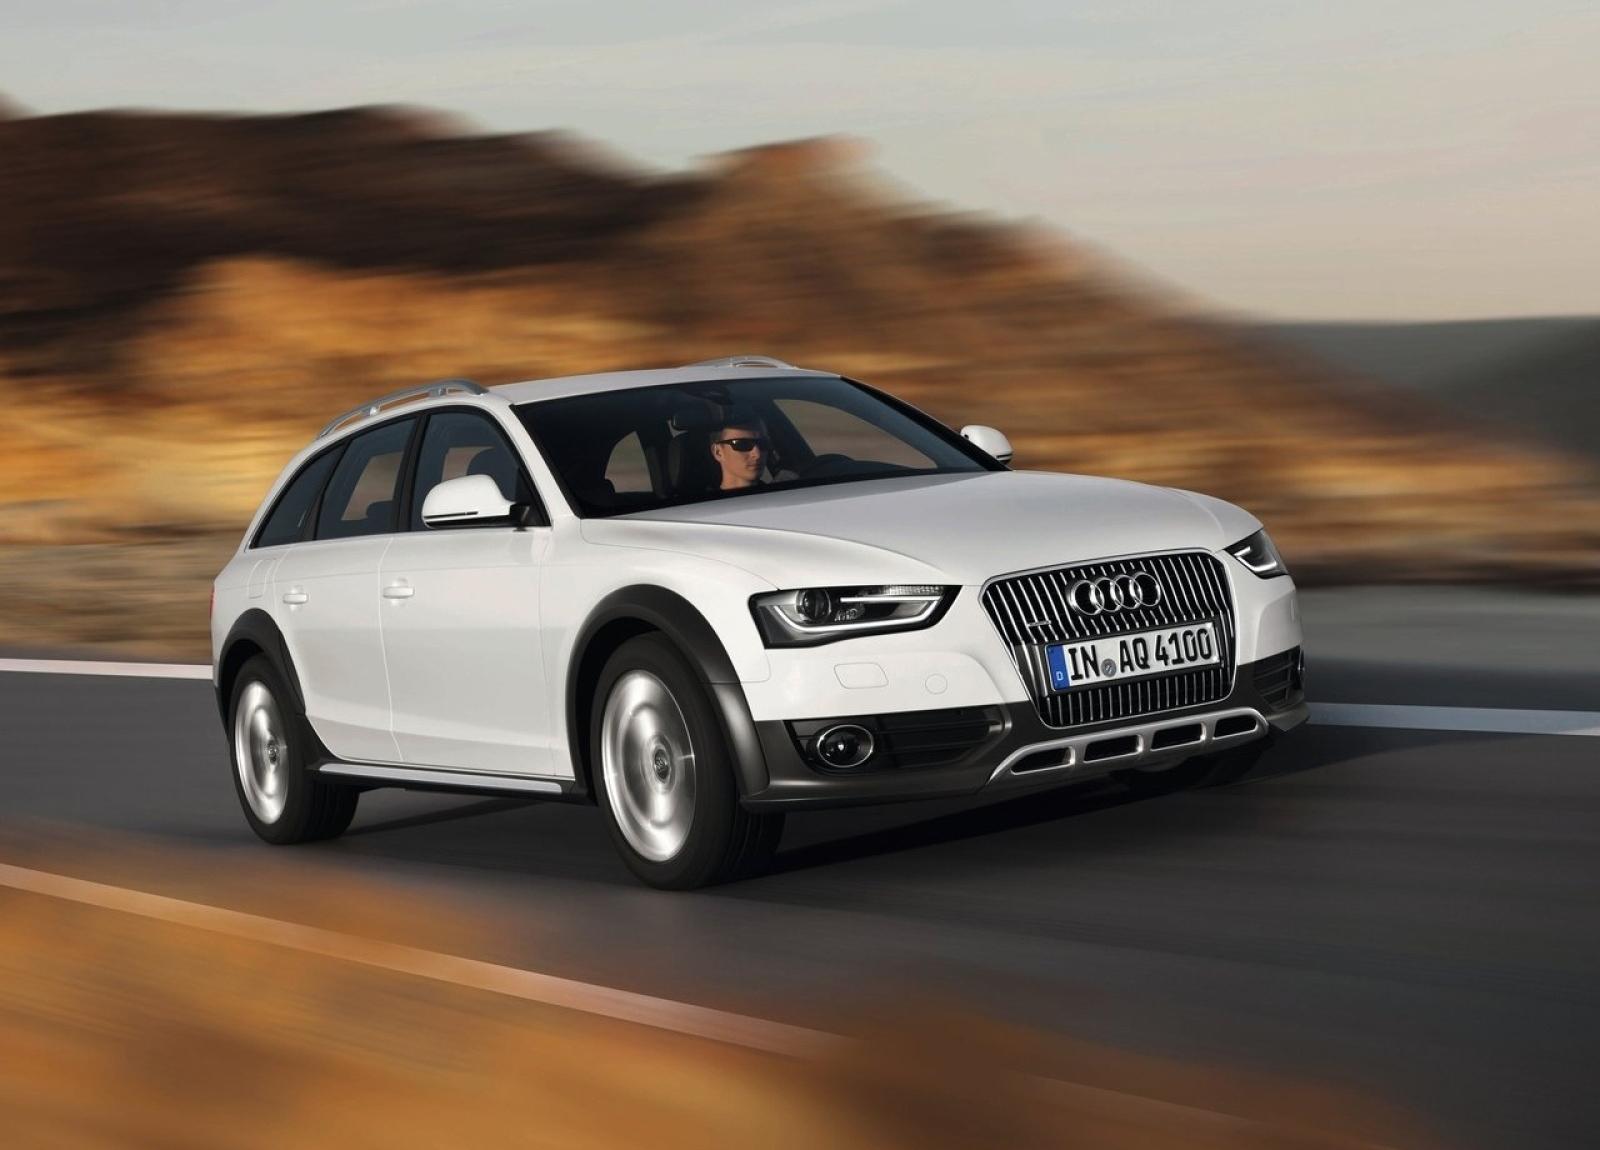 http://2.bp.blogspot.com/-S1nZKaTj9uc/T6p2D0_LX0I/AAAAAAAAGmA/TWLgmtrQV8A/s1600/Audi-2013_A4_allroad_quattro_wallpaper-1600x1200_0006.jpg